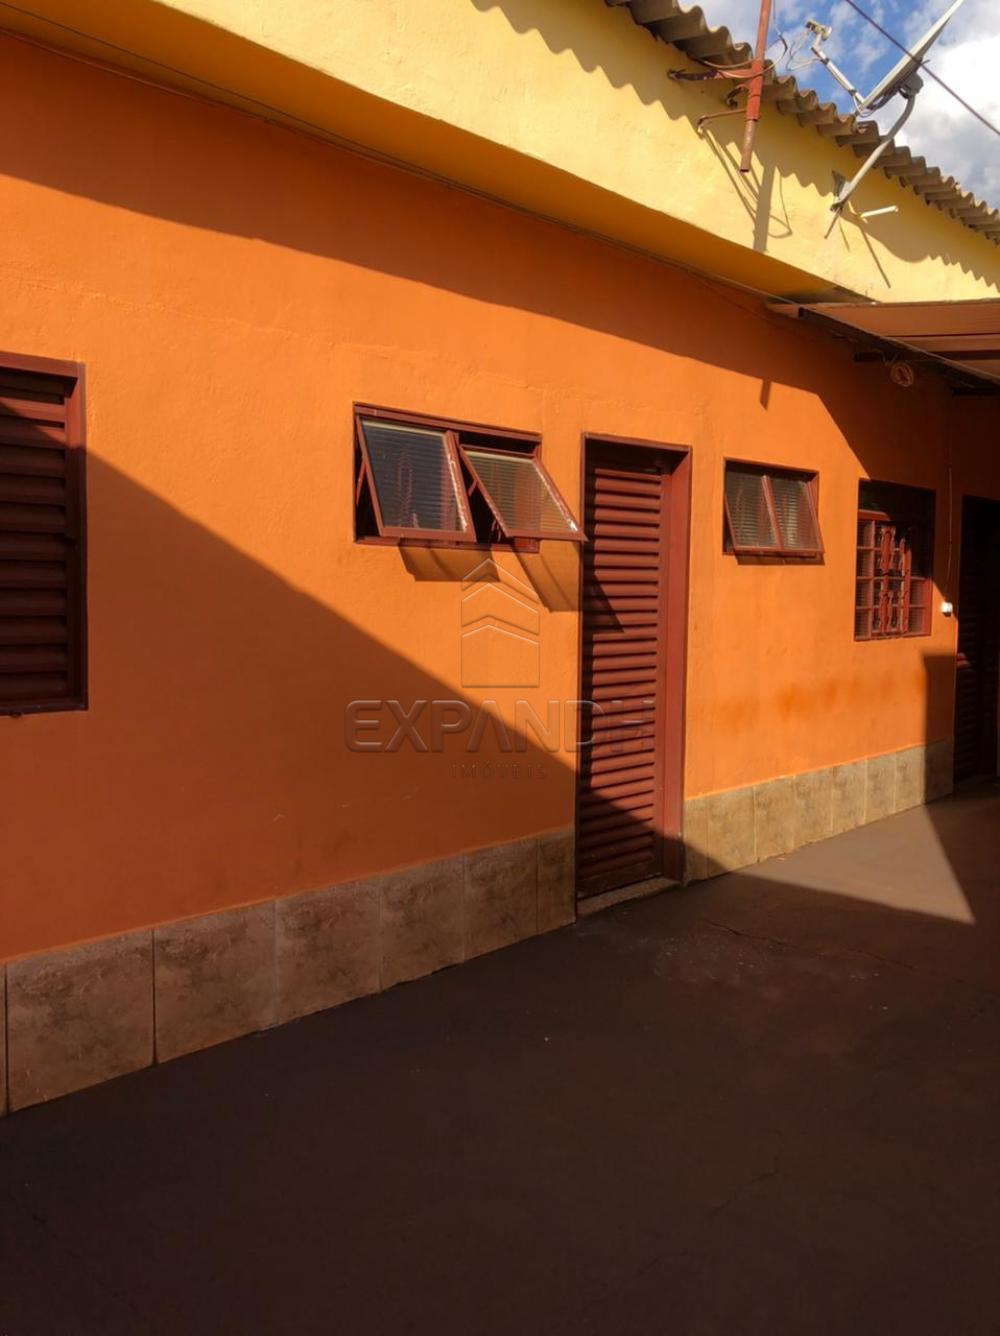 Alugar Casas / Padrão em Sertãozinho R$ 600,00 - Foto 4